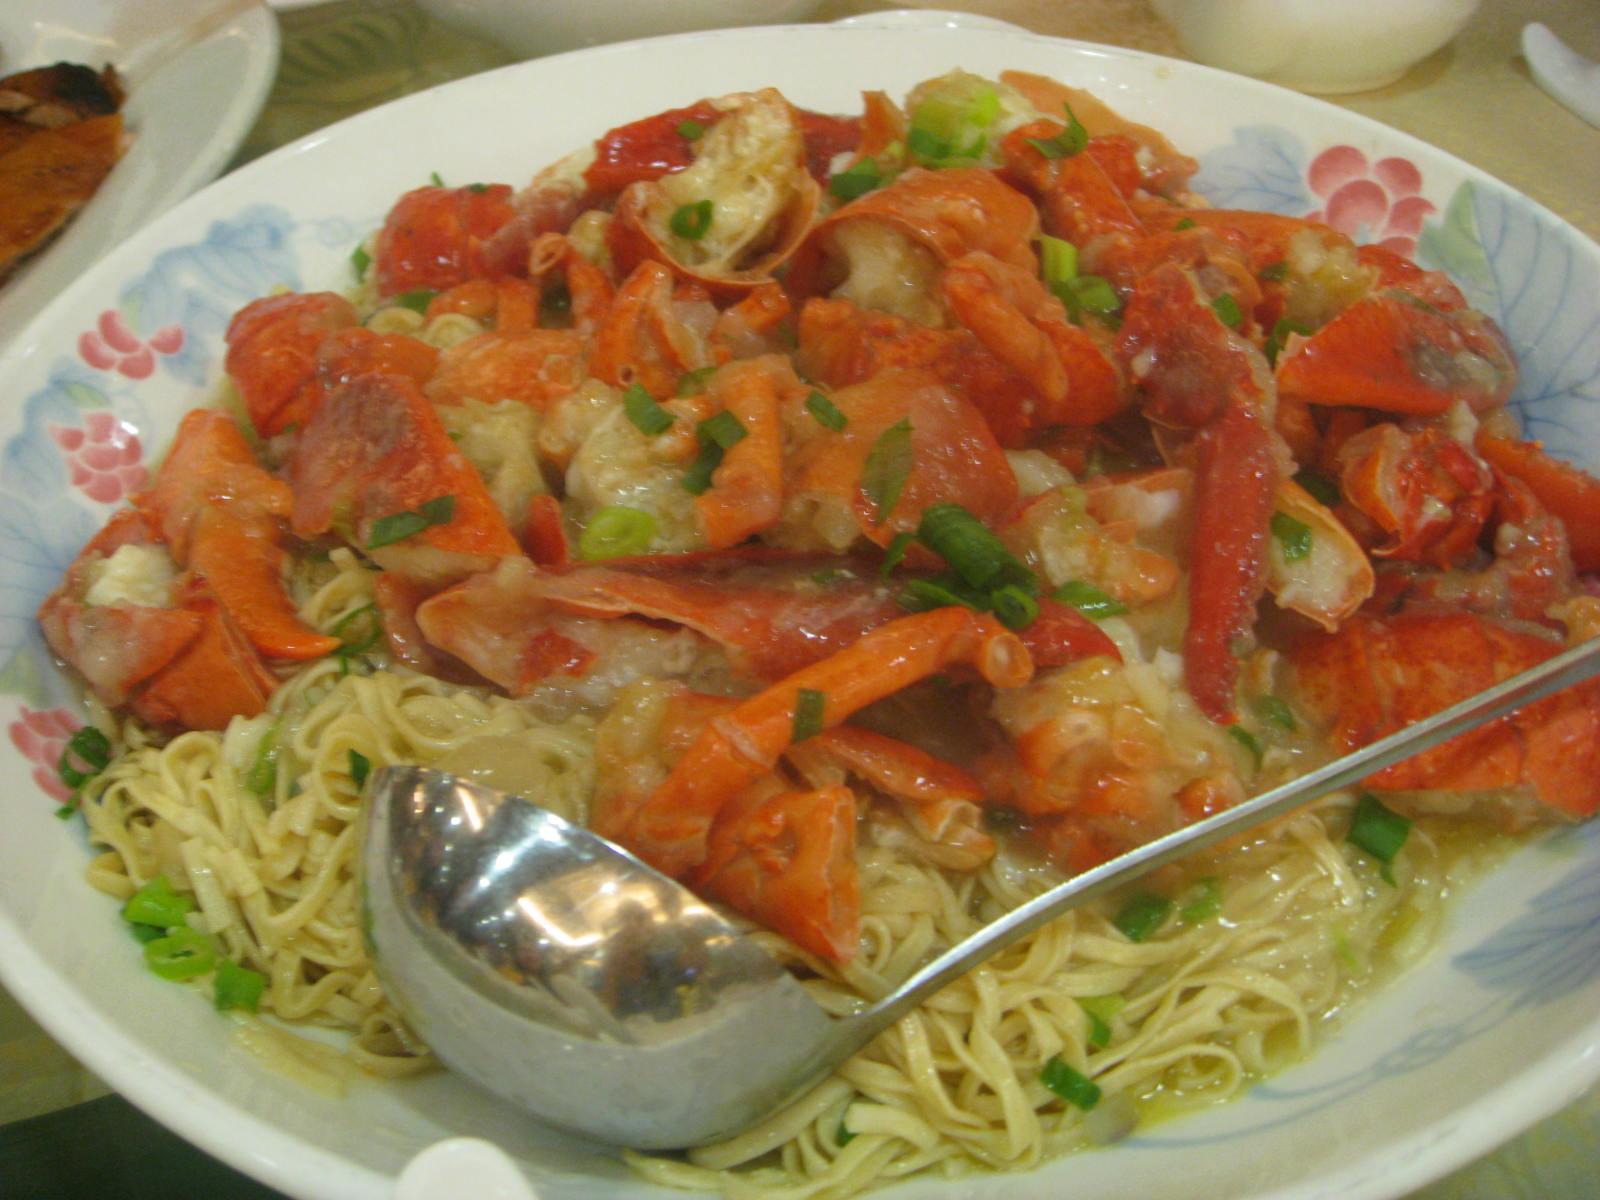 荃灣 – 海港燒鵝海鮮酒家 (victoria harbour roasted goose seafood restaurant) | meh